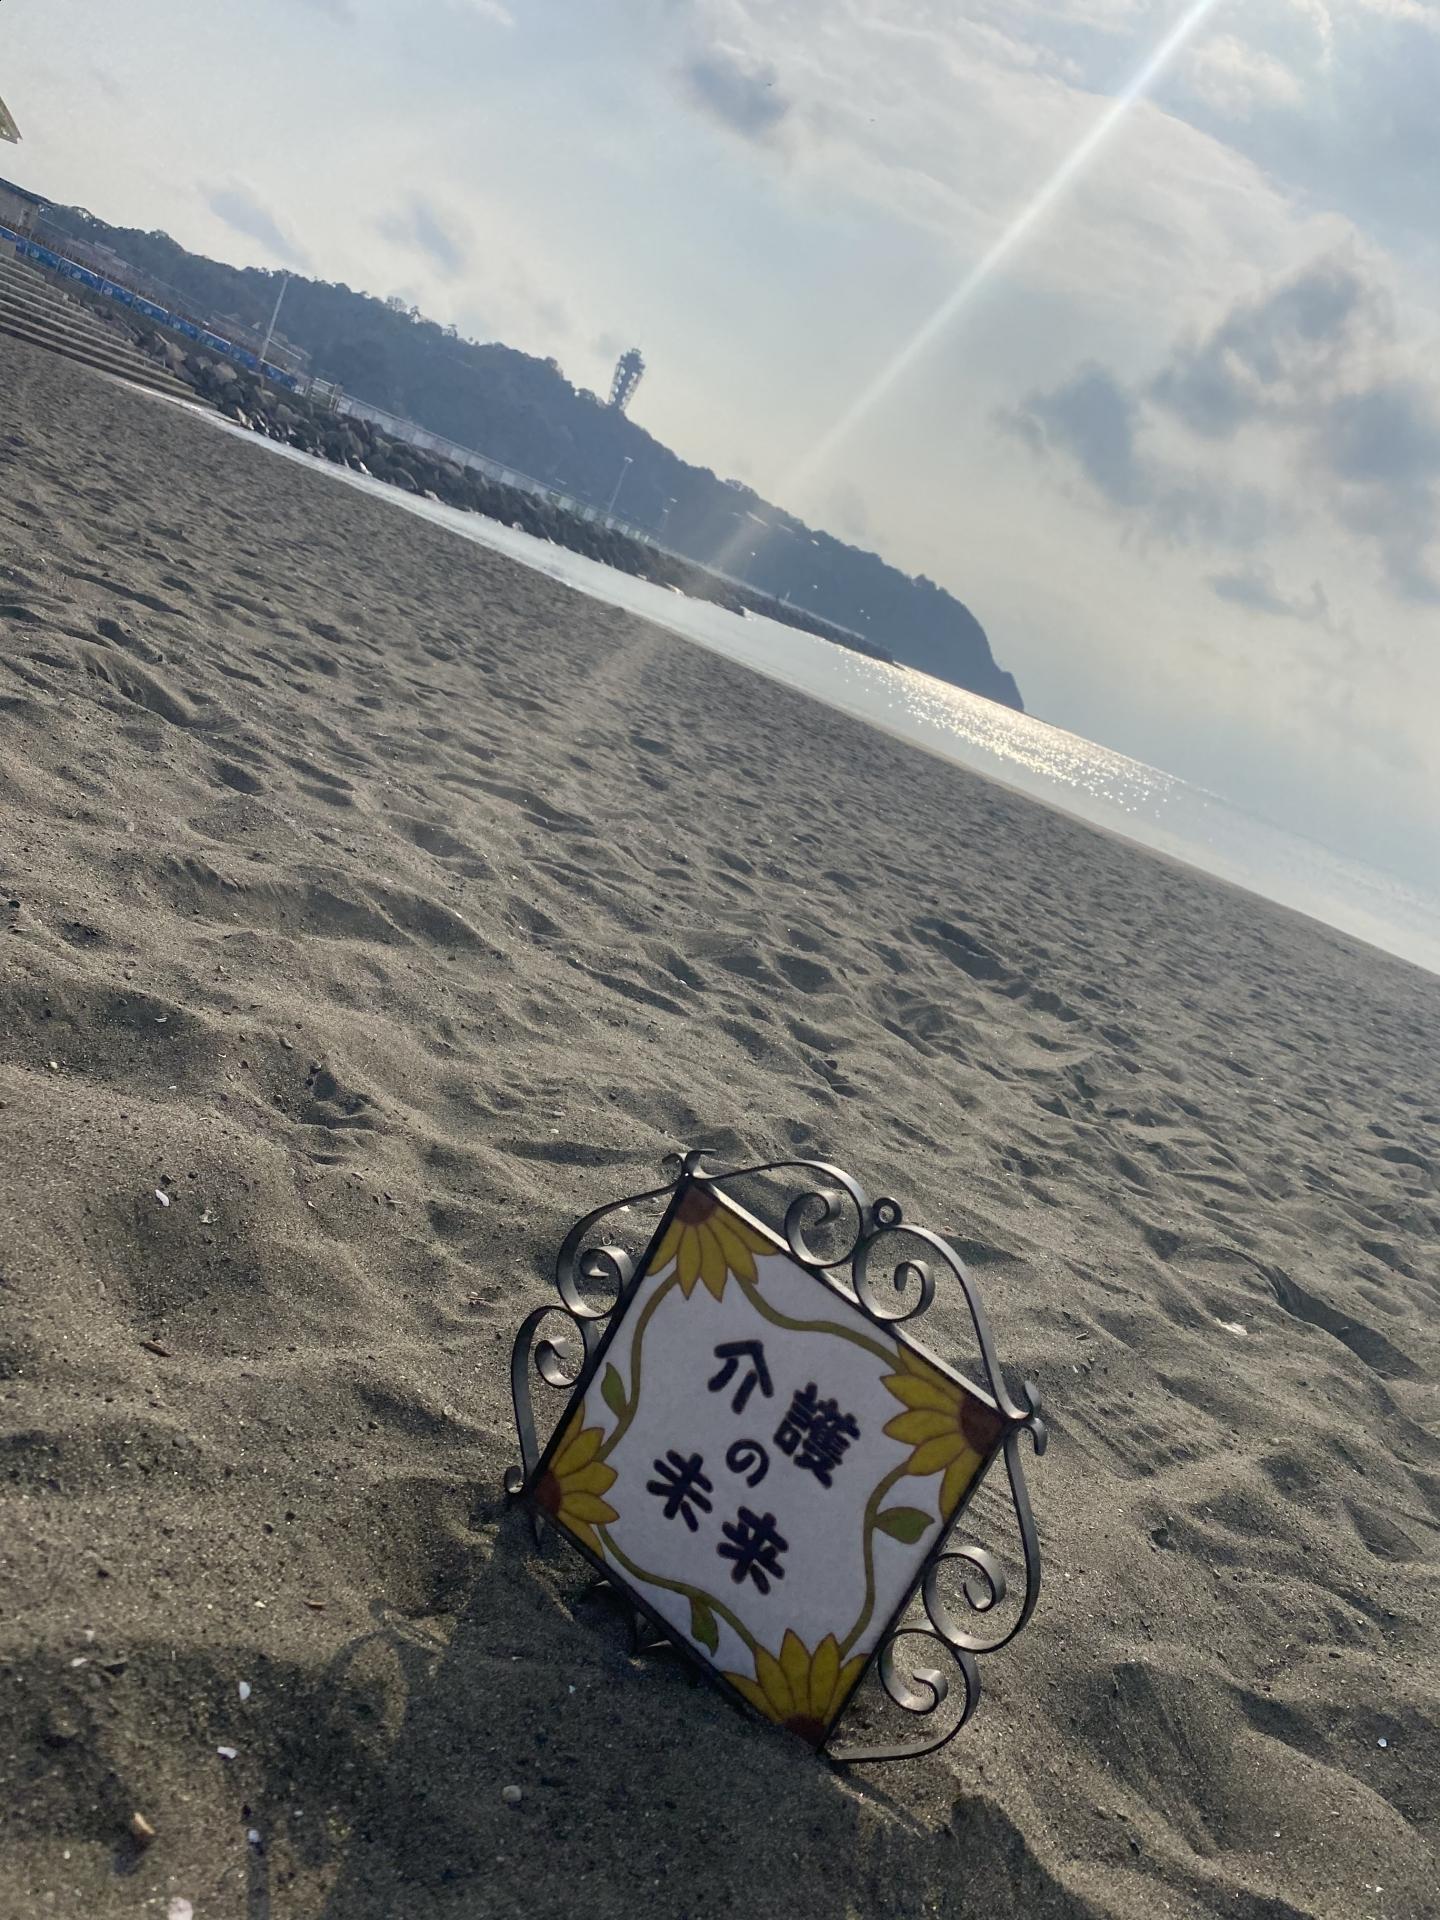 【 496 】 今日・・10月6日14時より・・楽しみ!